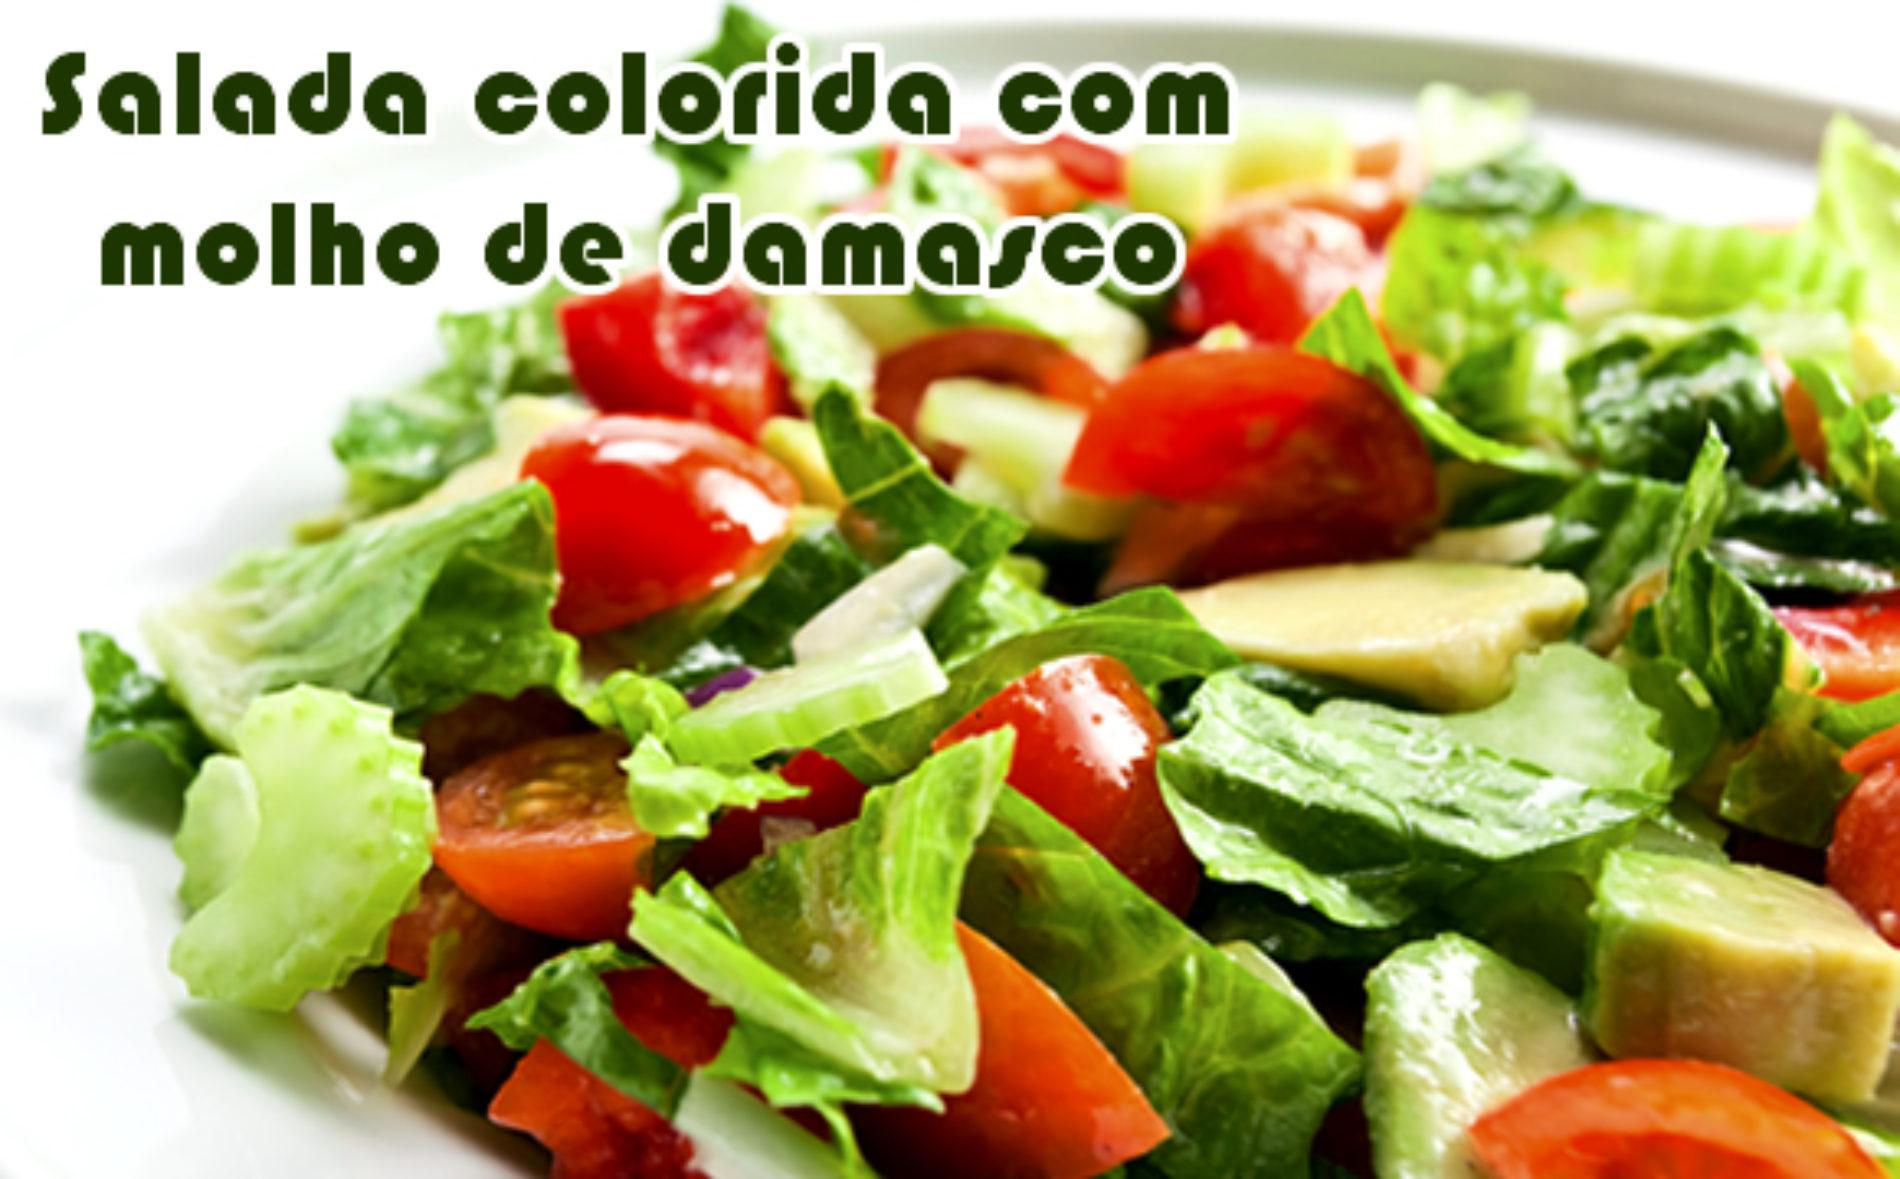 Salada colorida com molho de damasco light